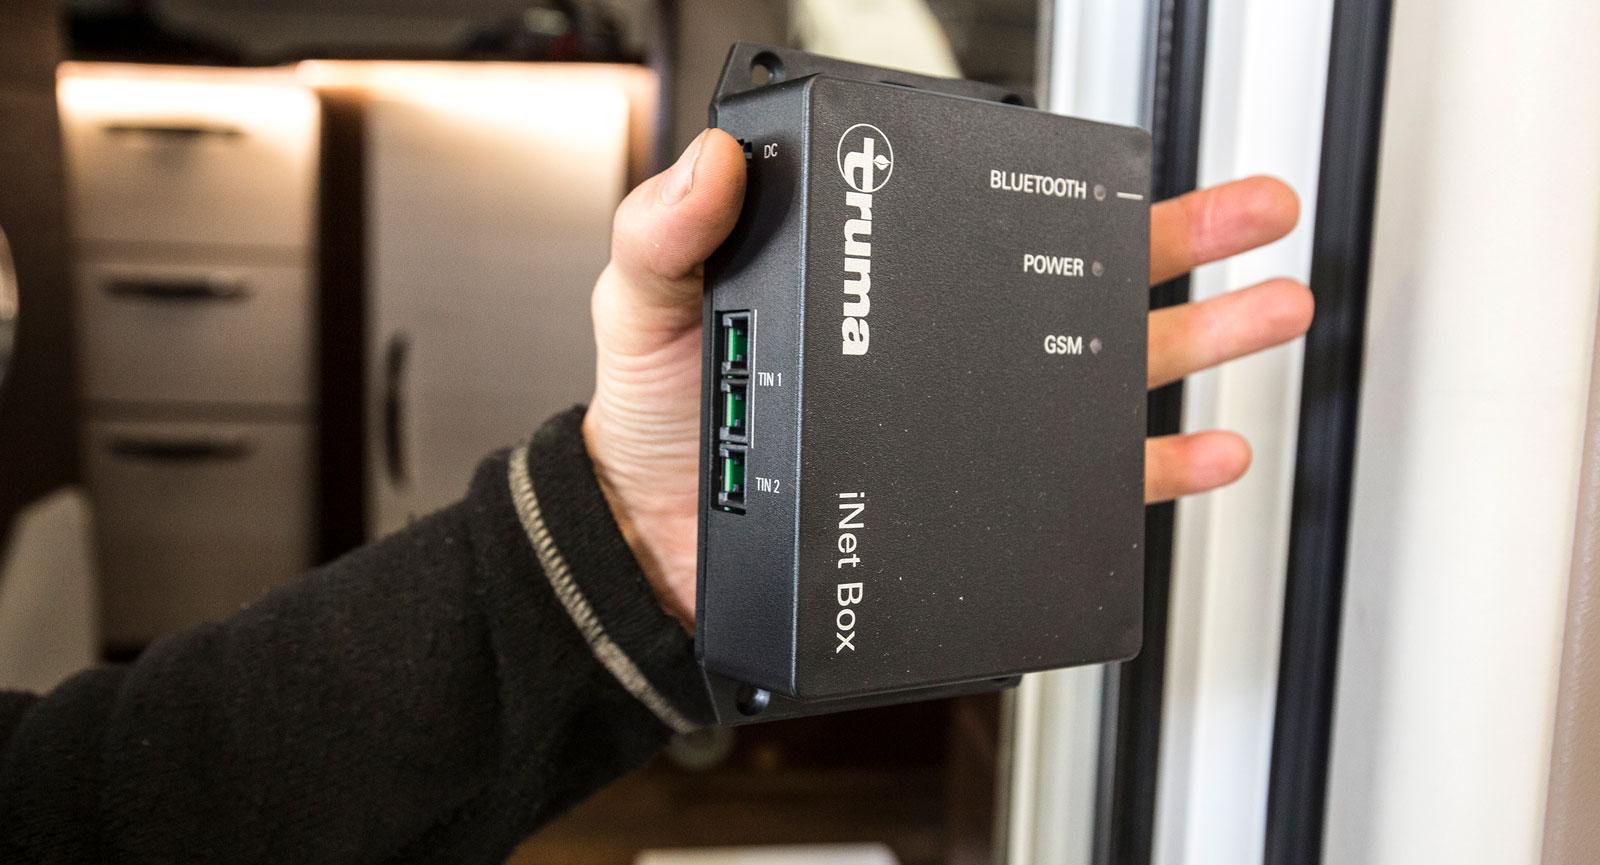 Hjärnan i systemet kommunicerar med Bluetooth och sms.